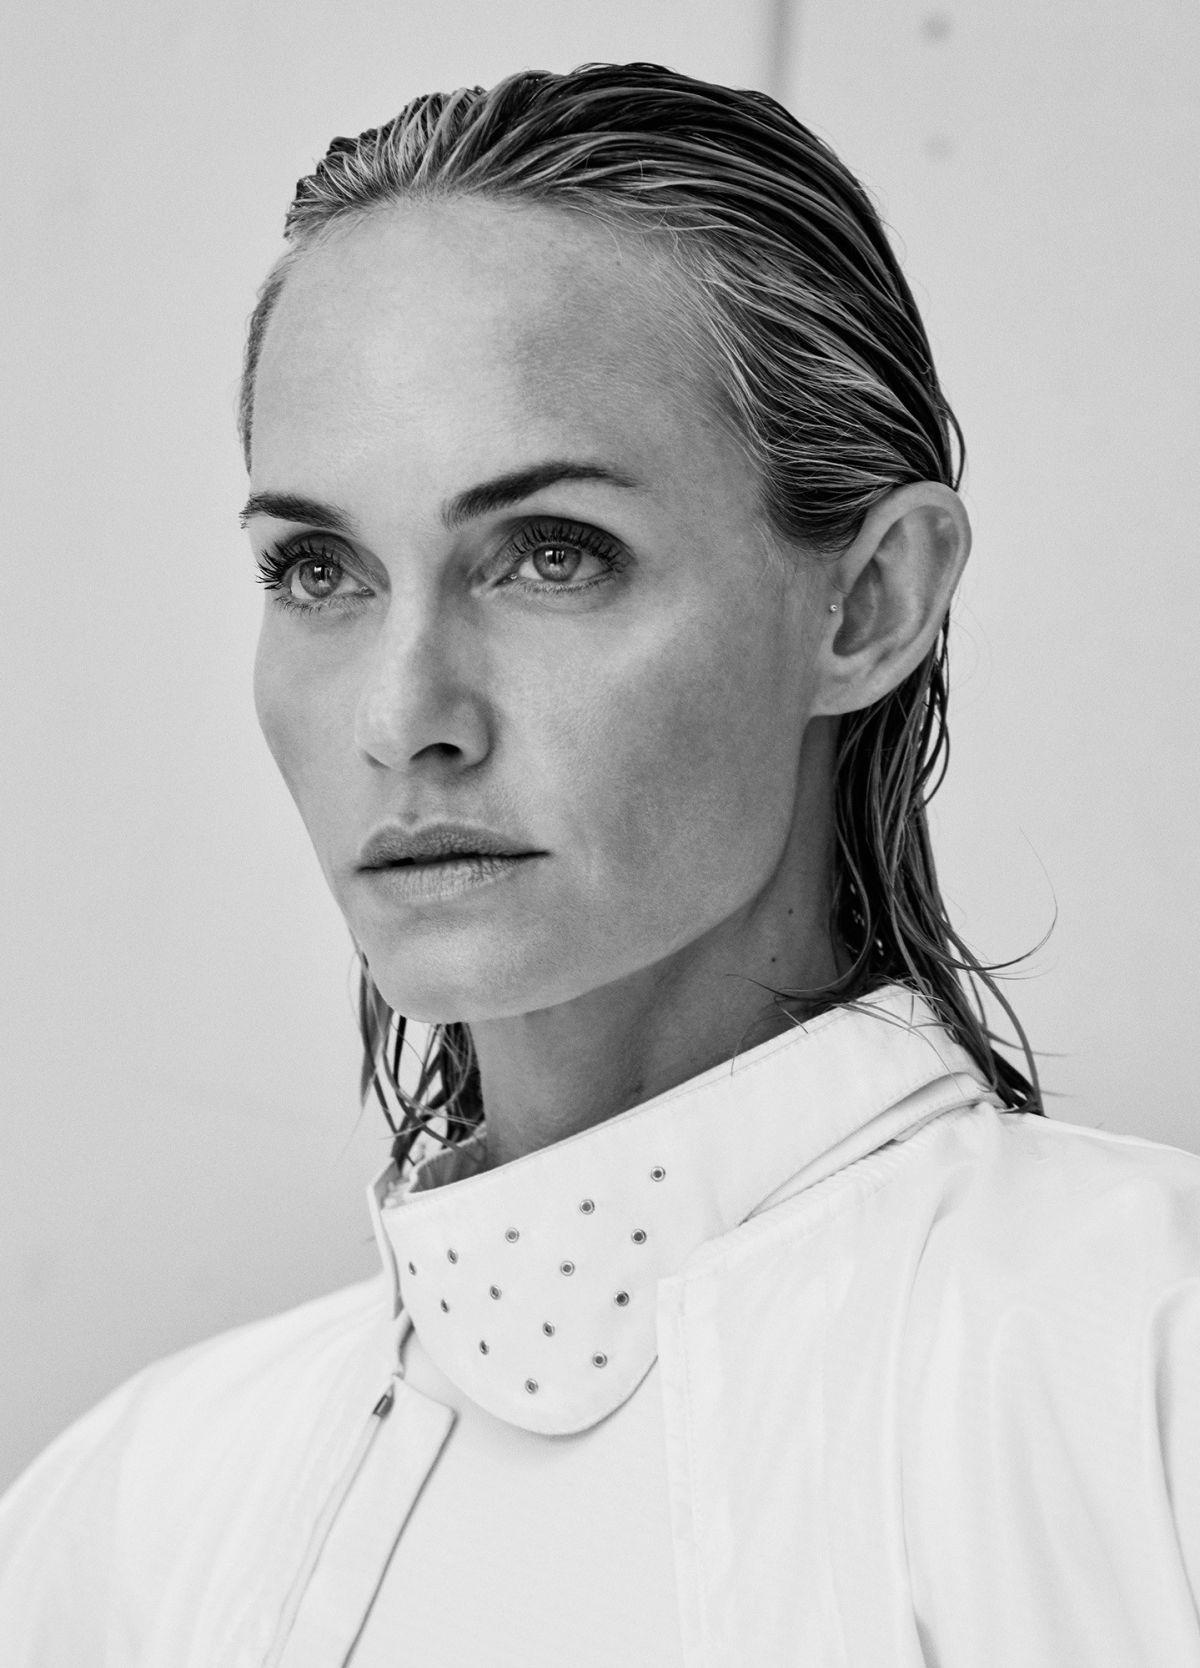 AMBER VALLETTA for Vogue Magazine, Ukraine April 2017   amber-valletta-for-vogue-magazine-ukraine-april-2017_20